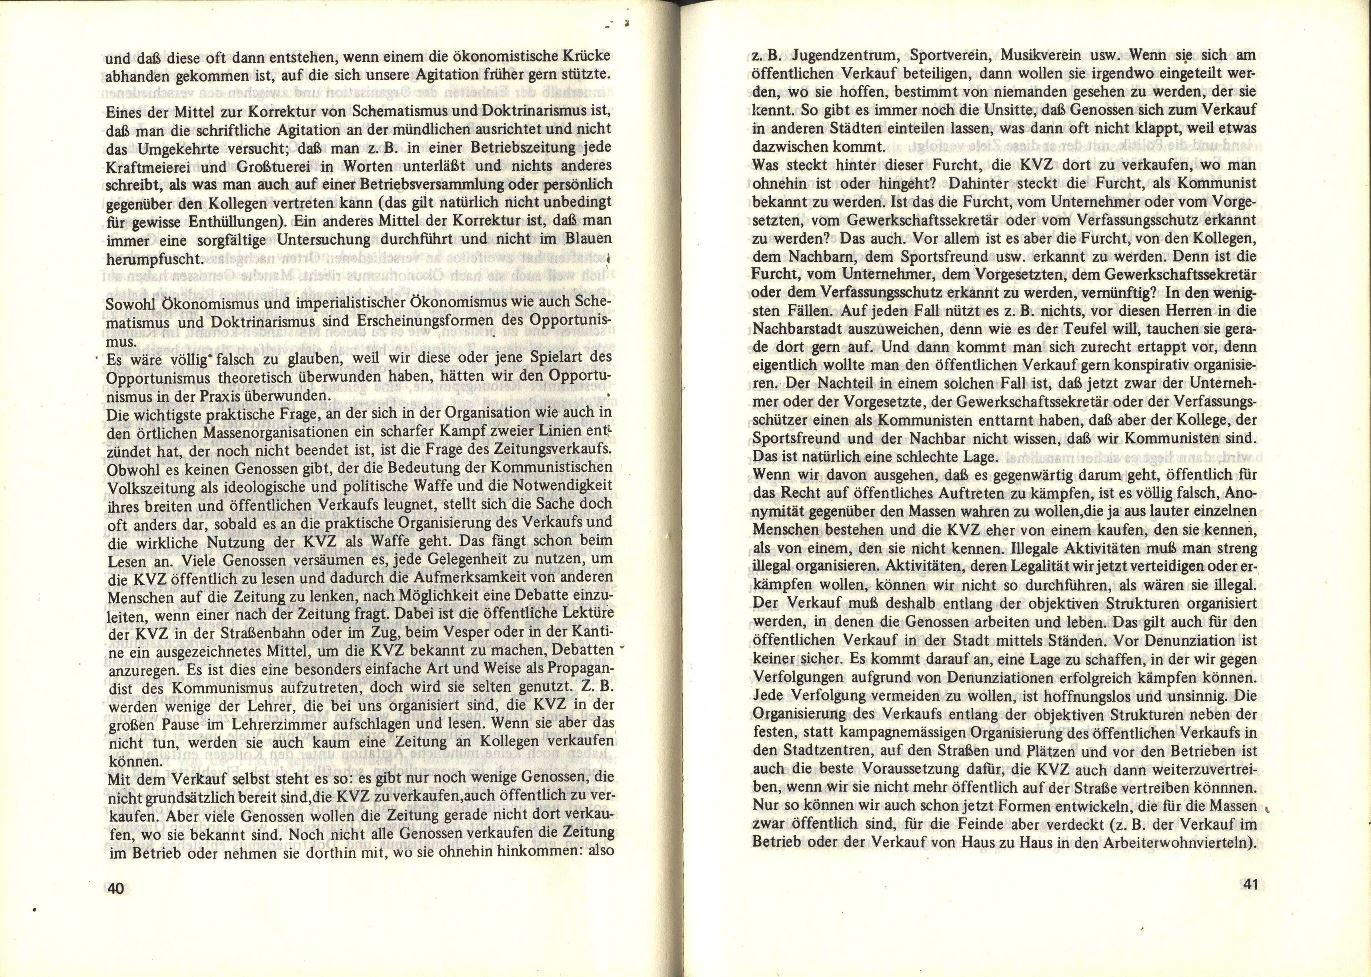 KBW_1974_Politischer_Bericht022